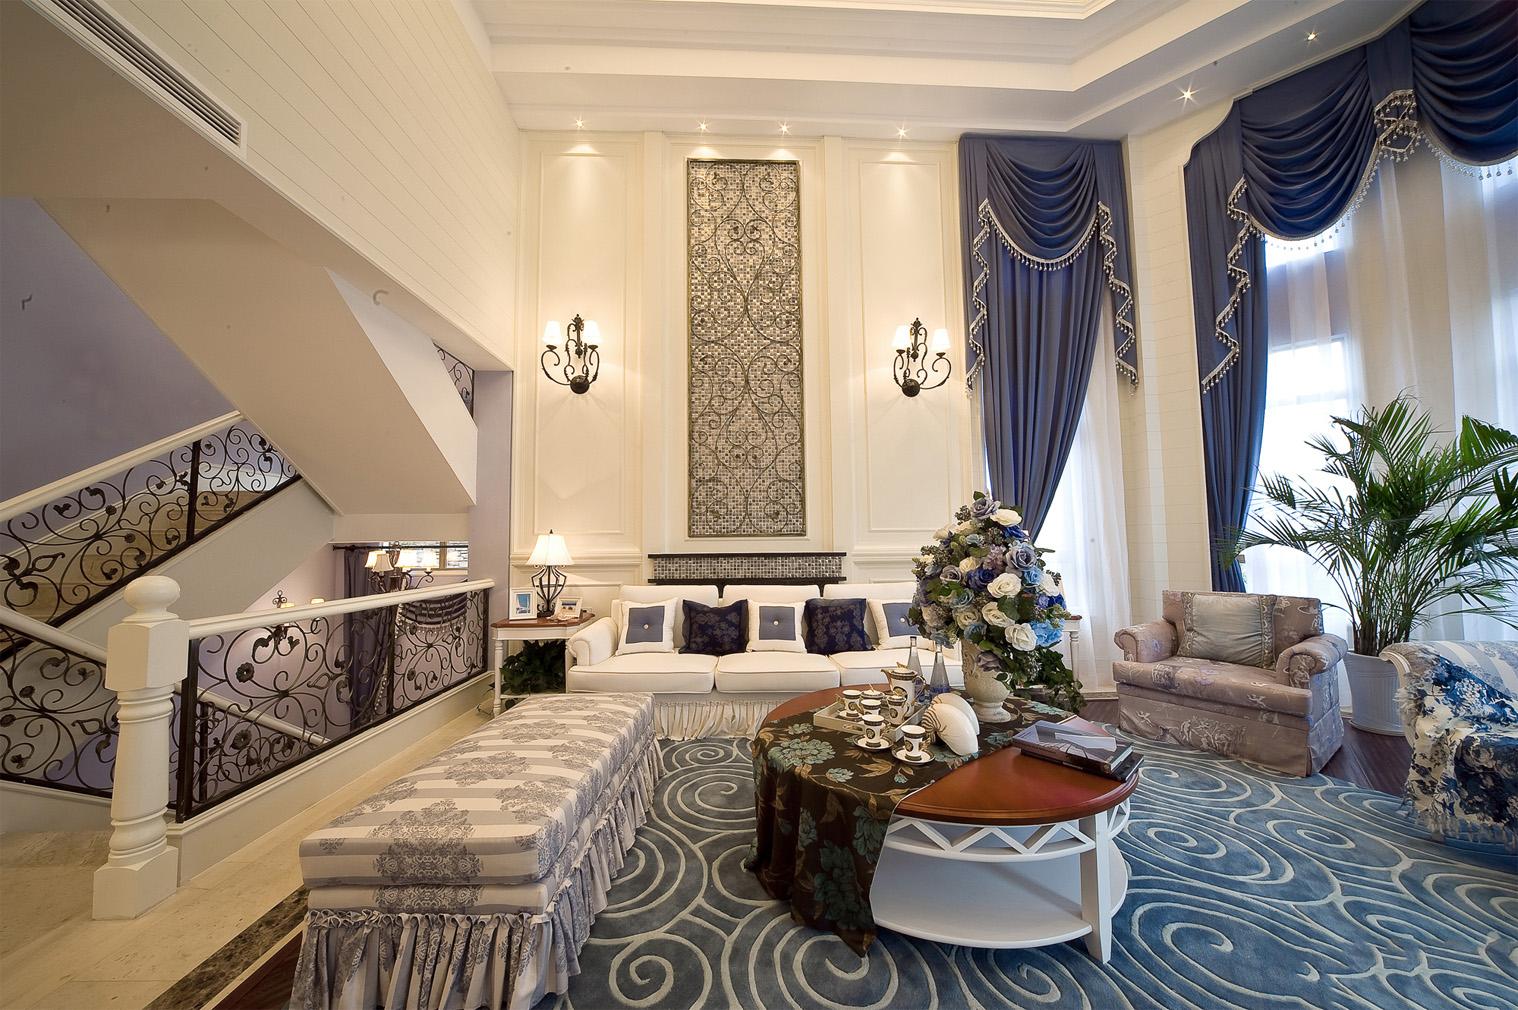 地中海风格别墅客厅装修设计图